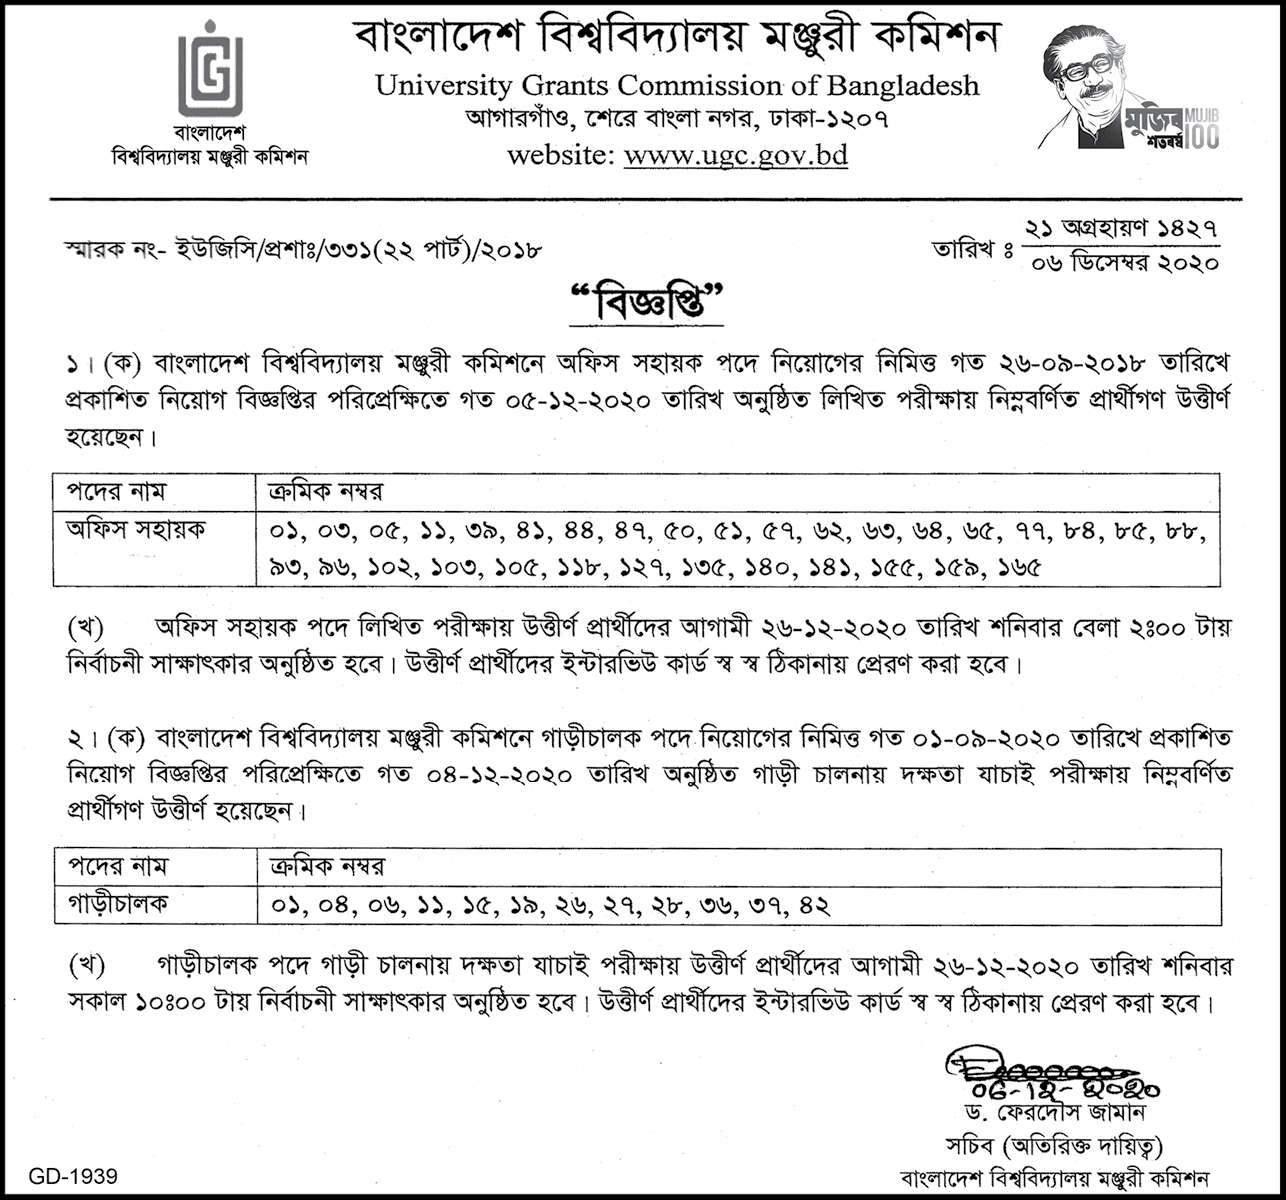 UGC Job Exam Result and VIVA Exam Date 2020